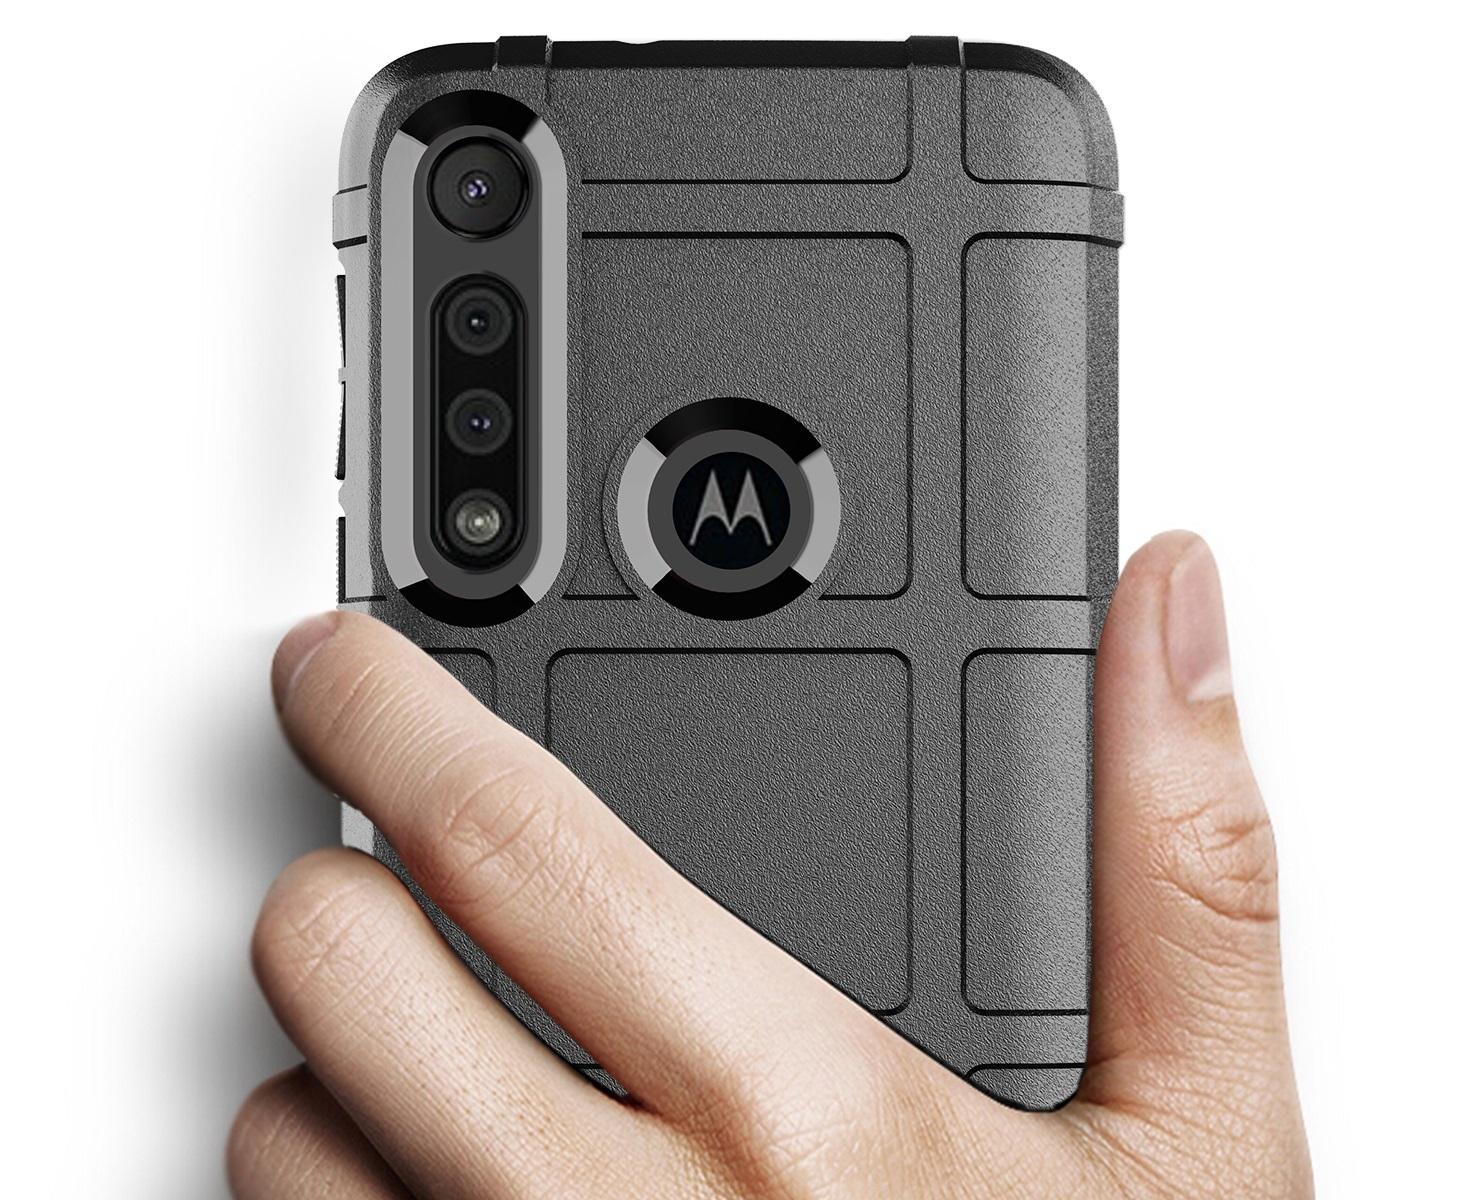 Чехол для Motorola Moto G8 Play (One Macro) цвет Black (черный), серия Armor от Caseport